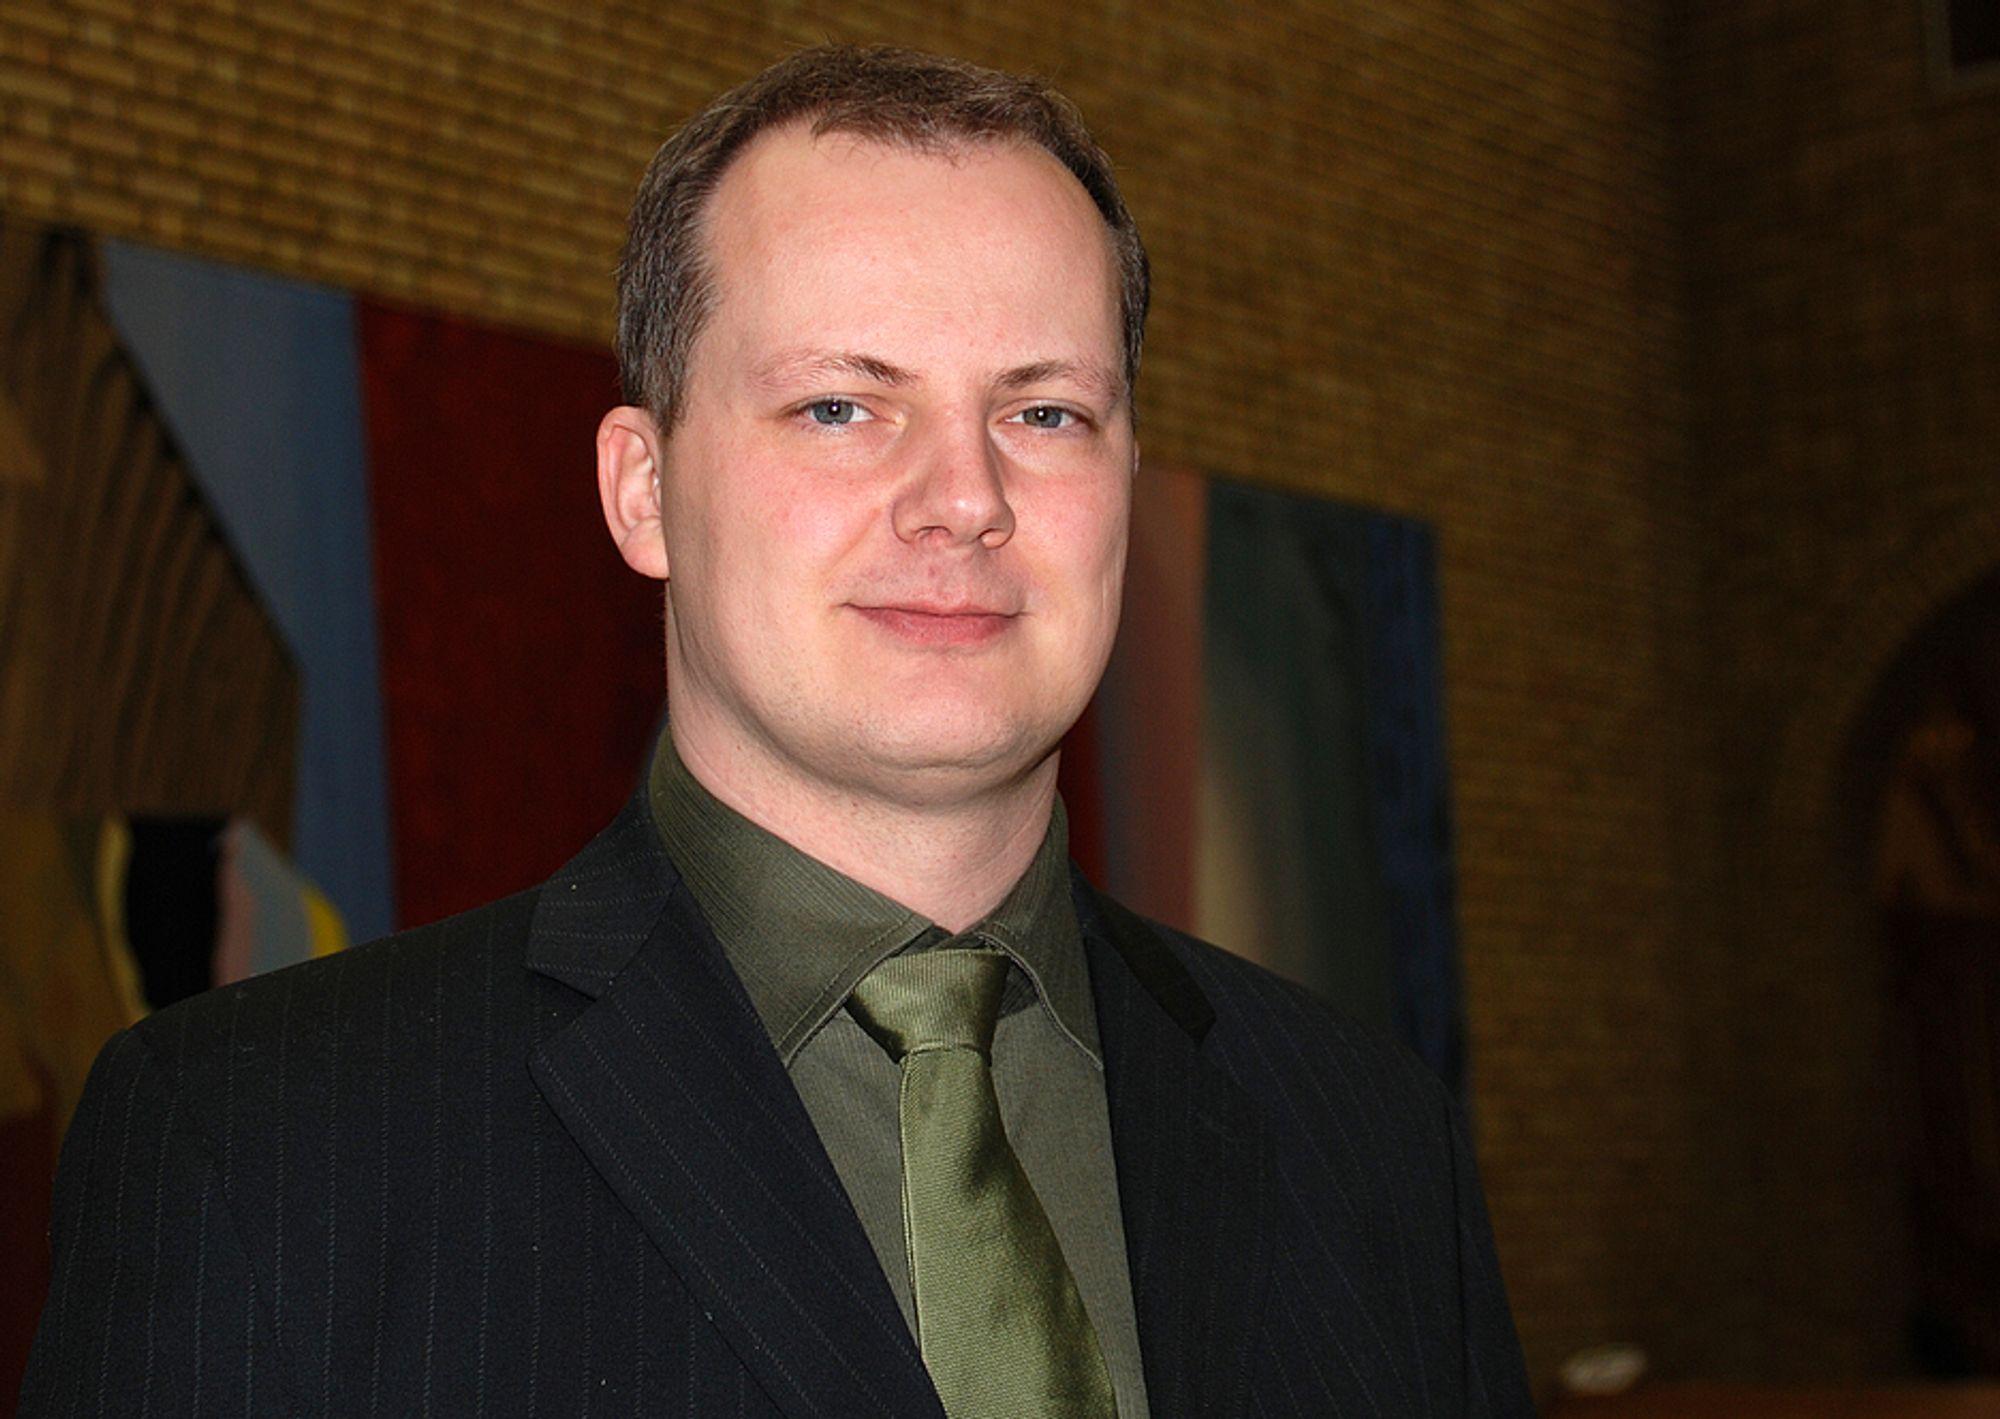 Frps energipolitiske talsmann, Ketil Solvik-Olsen, vil sette i gang en ny debatt om vannkraft og vern av vassdrag.